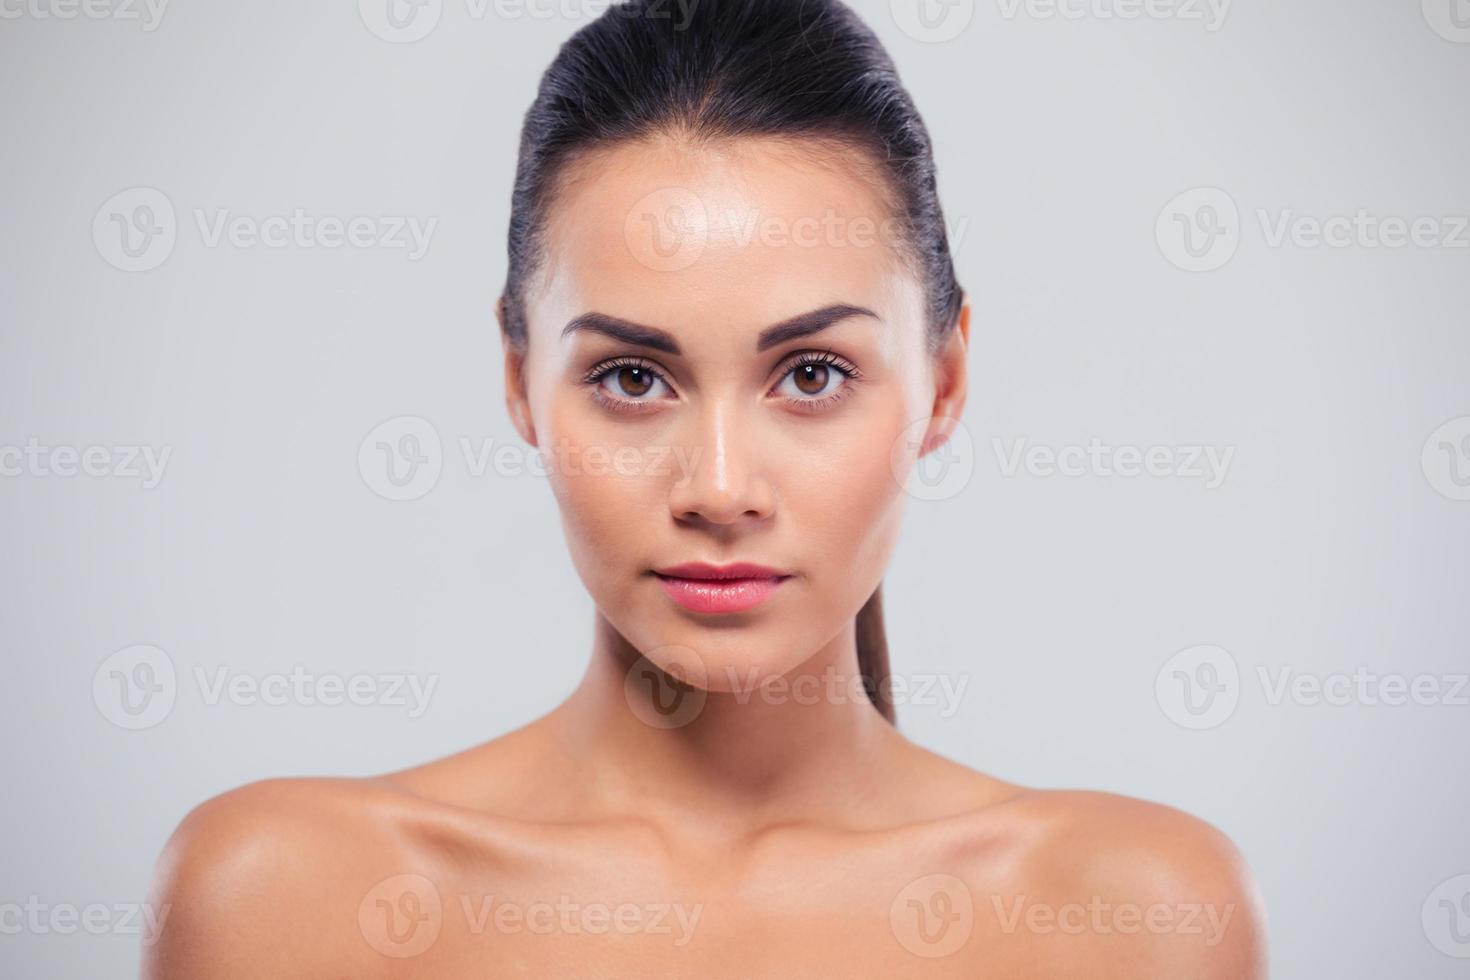 Ritratto di bellezza di una donna attraente foto